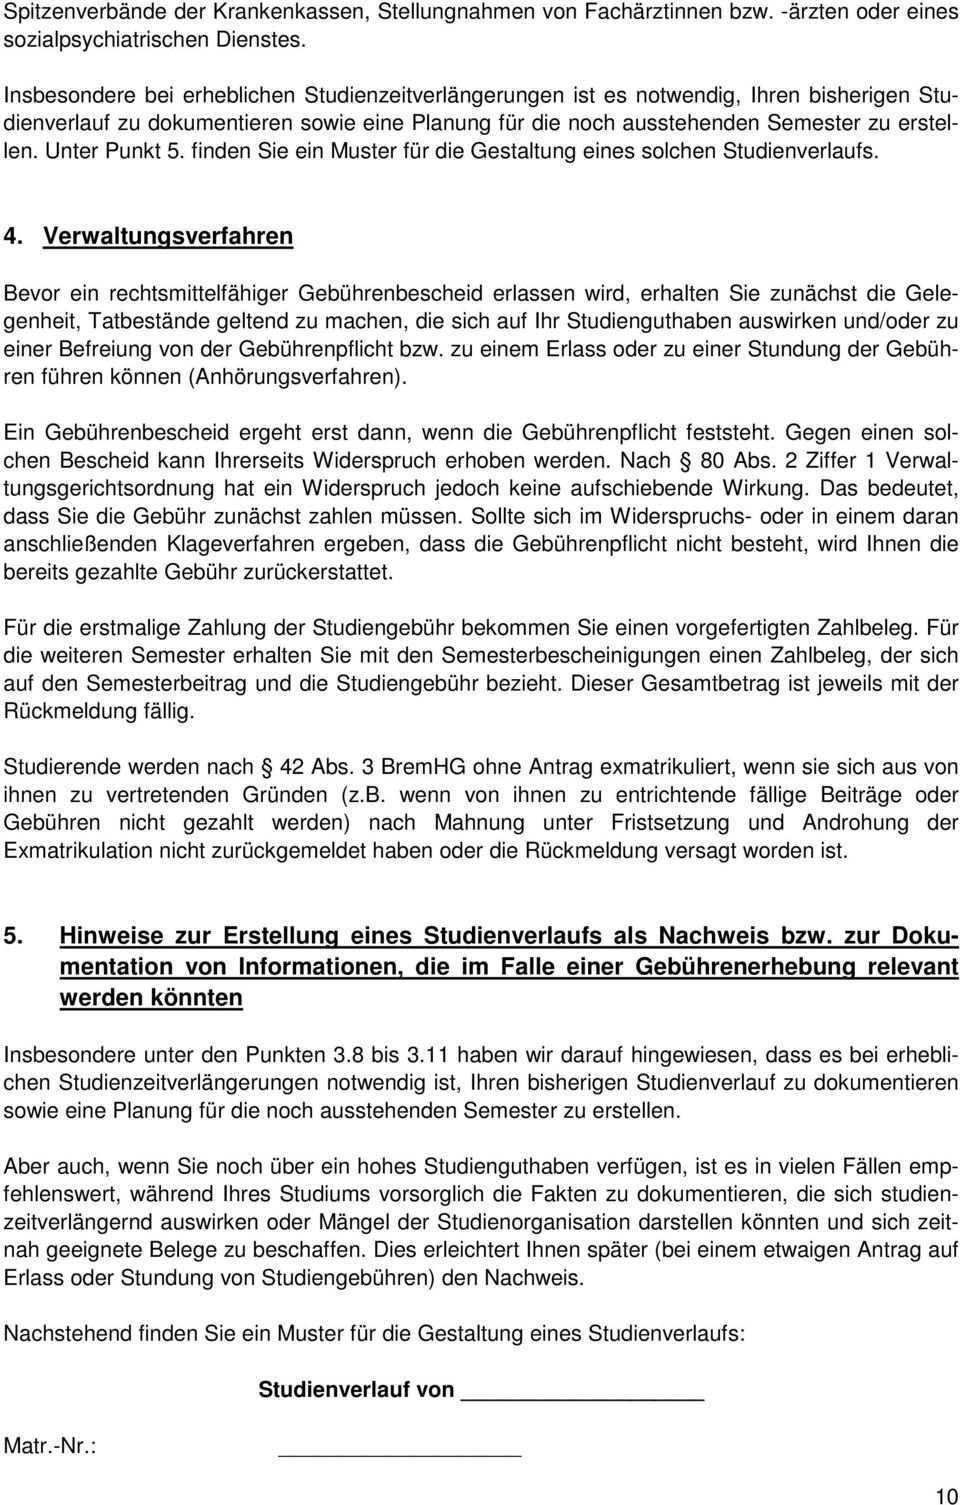 Vertraulich Hinweise Fur Studierende Zu Den Studiengebuhren Der Universitat Bremen Pdf Kostenfreier Download